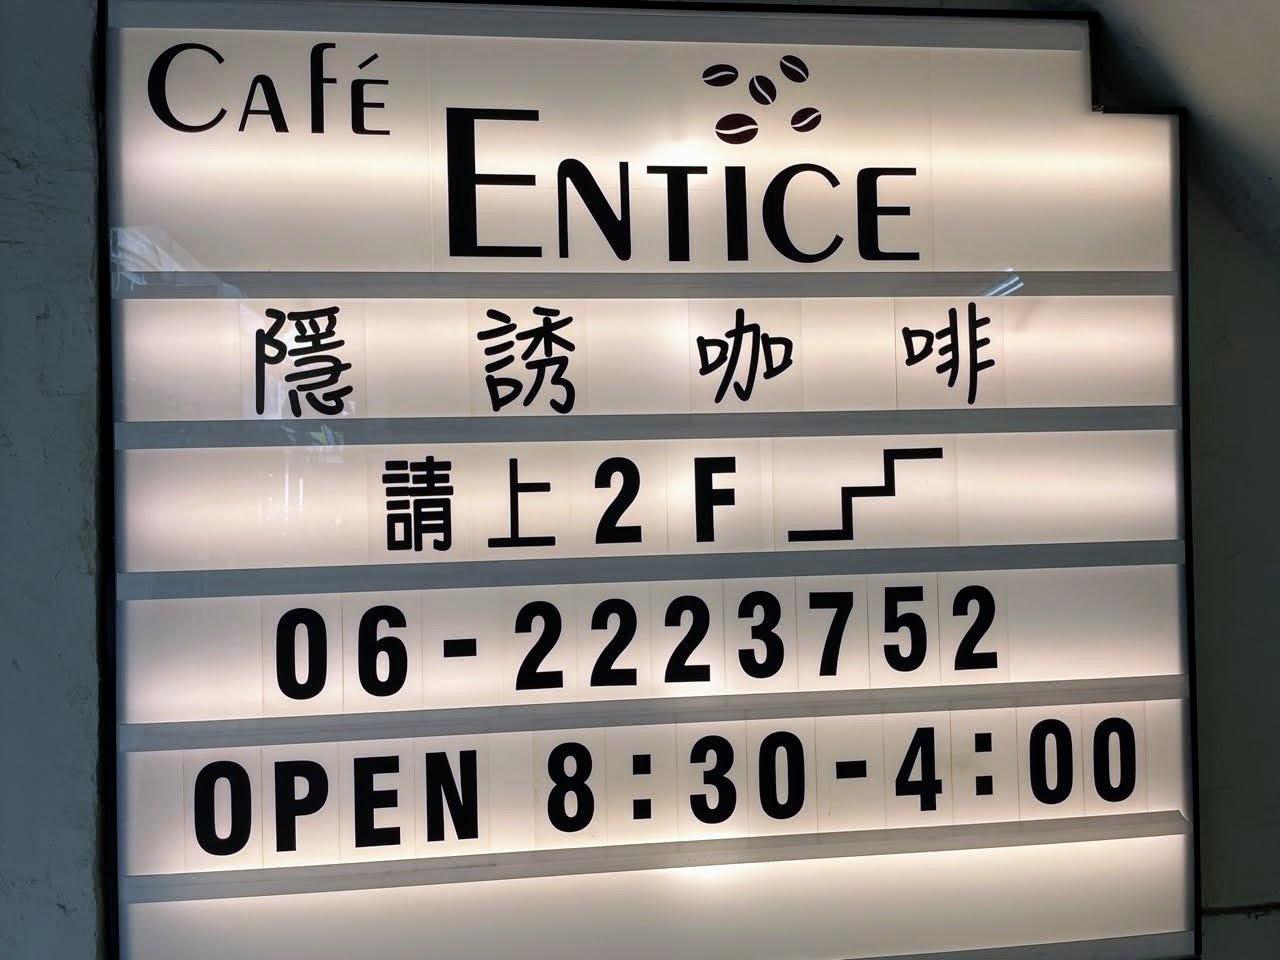 隱誘咖啡 Cafe' Entice / 讓人超滿足的雞肉貝果 / 巷弄內的好吃咖啡廳 / 中西區咖啡推薦 / 台南老宅咖啡推薦 /